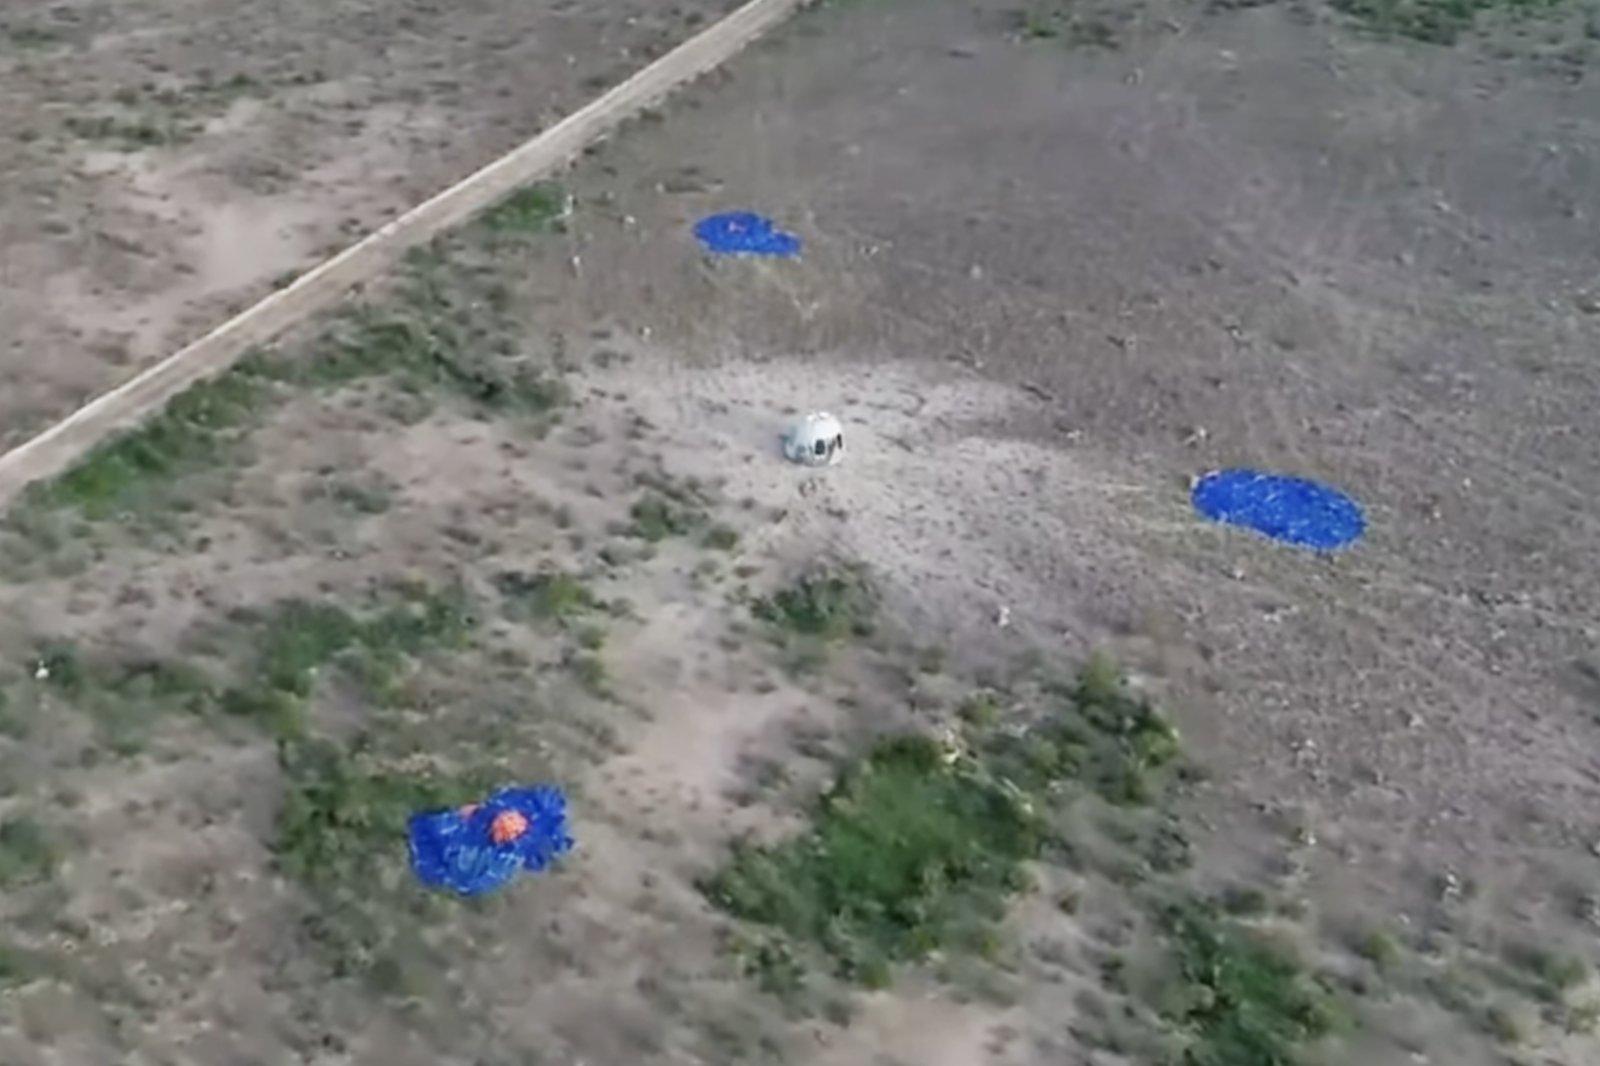 這張美國藍色起源公司7月20日發布的視頻截圖顯示「新謝潑德」飛行器在美國得克薩斯州西部着陸。新華社發(藍色起源公司供圖)